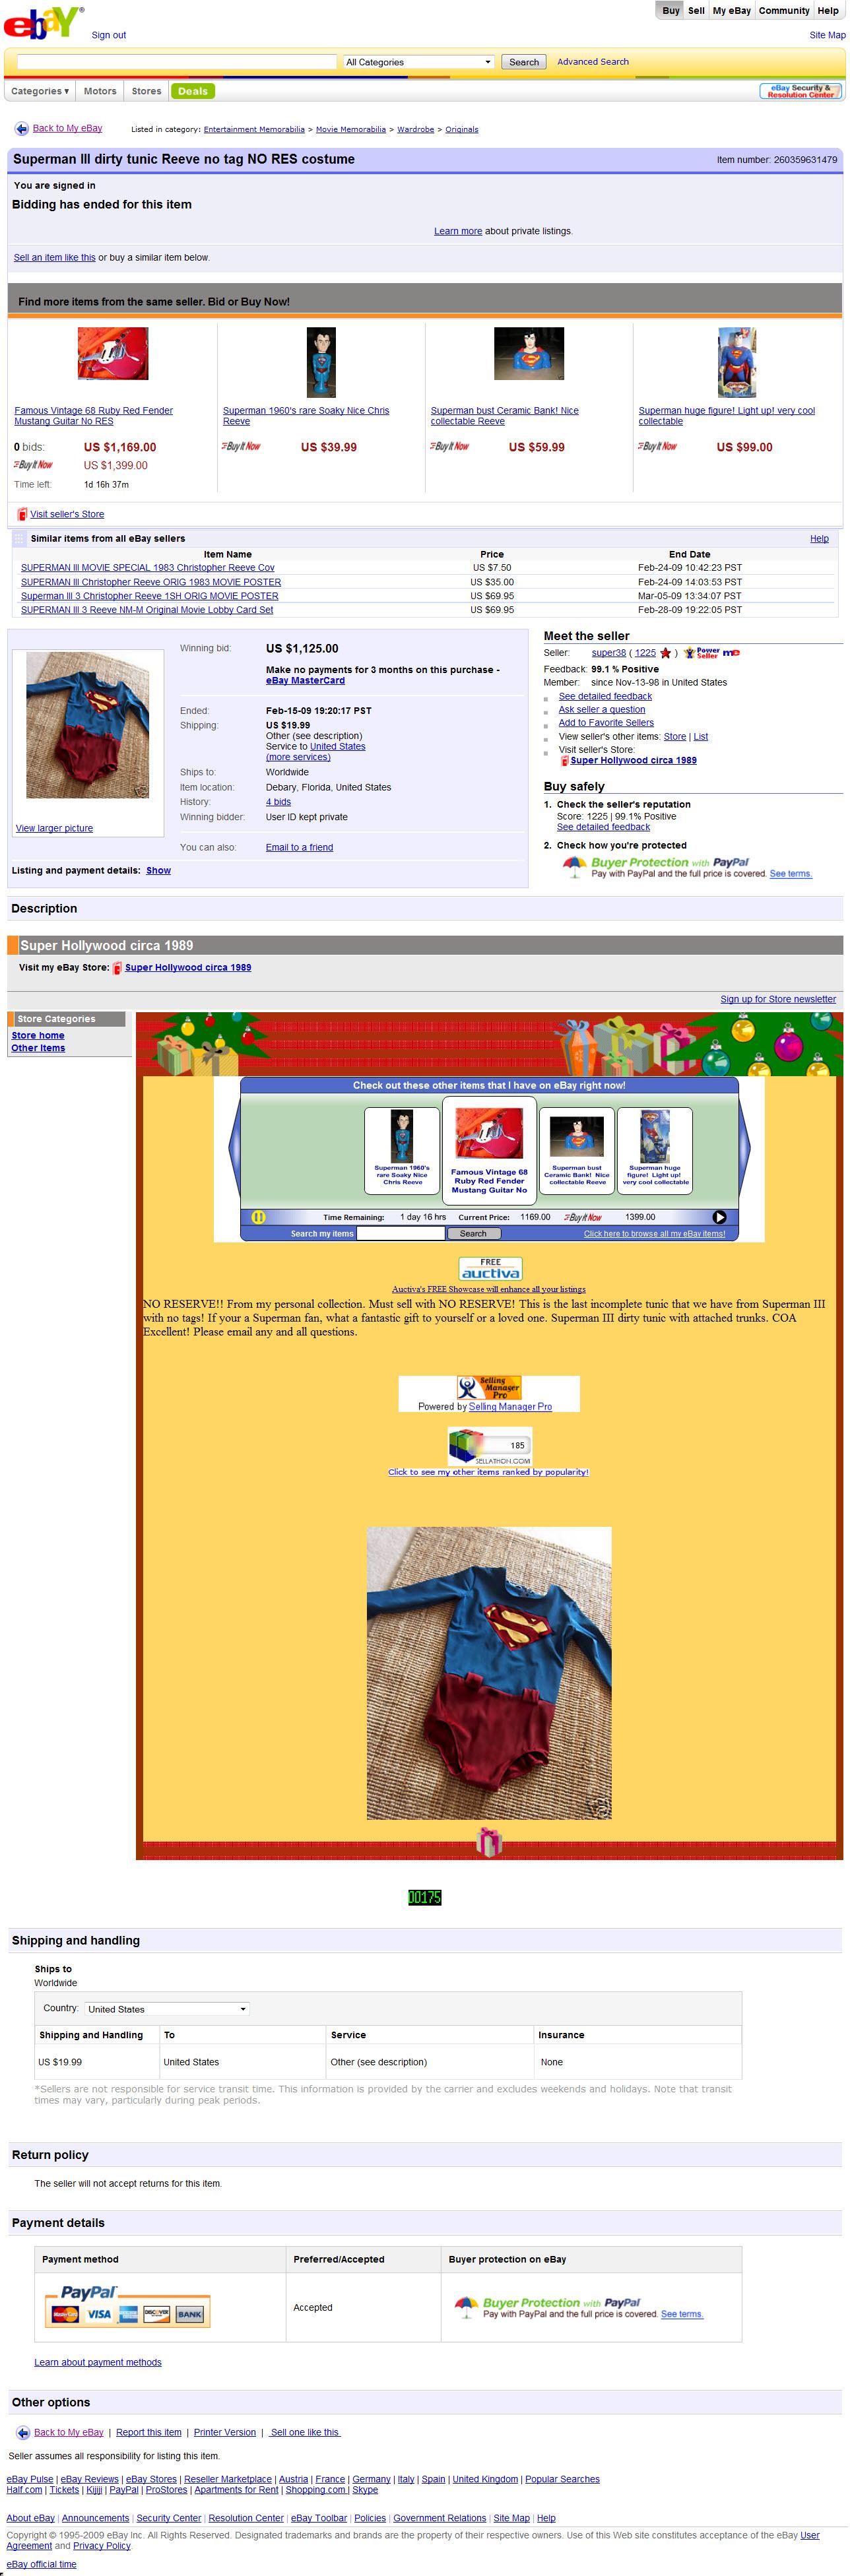 Ebay Cancel Bid Superman Iii Dirty Tunic Reeve No Tag No